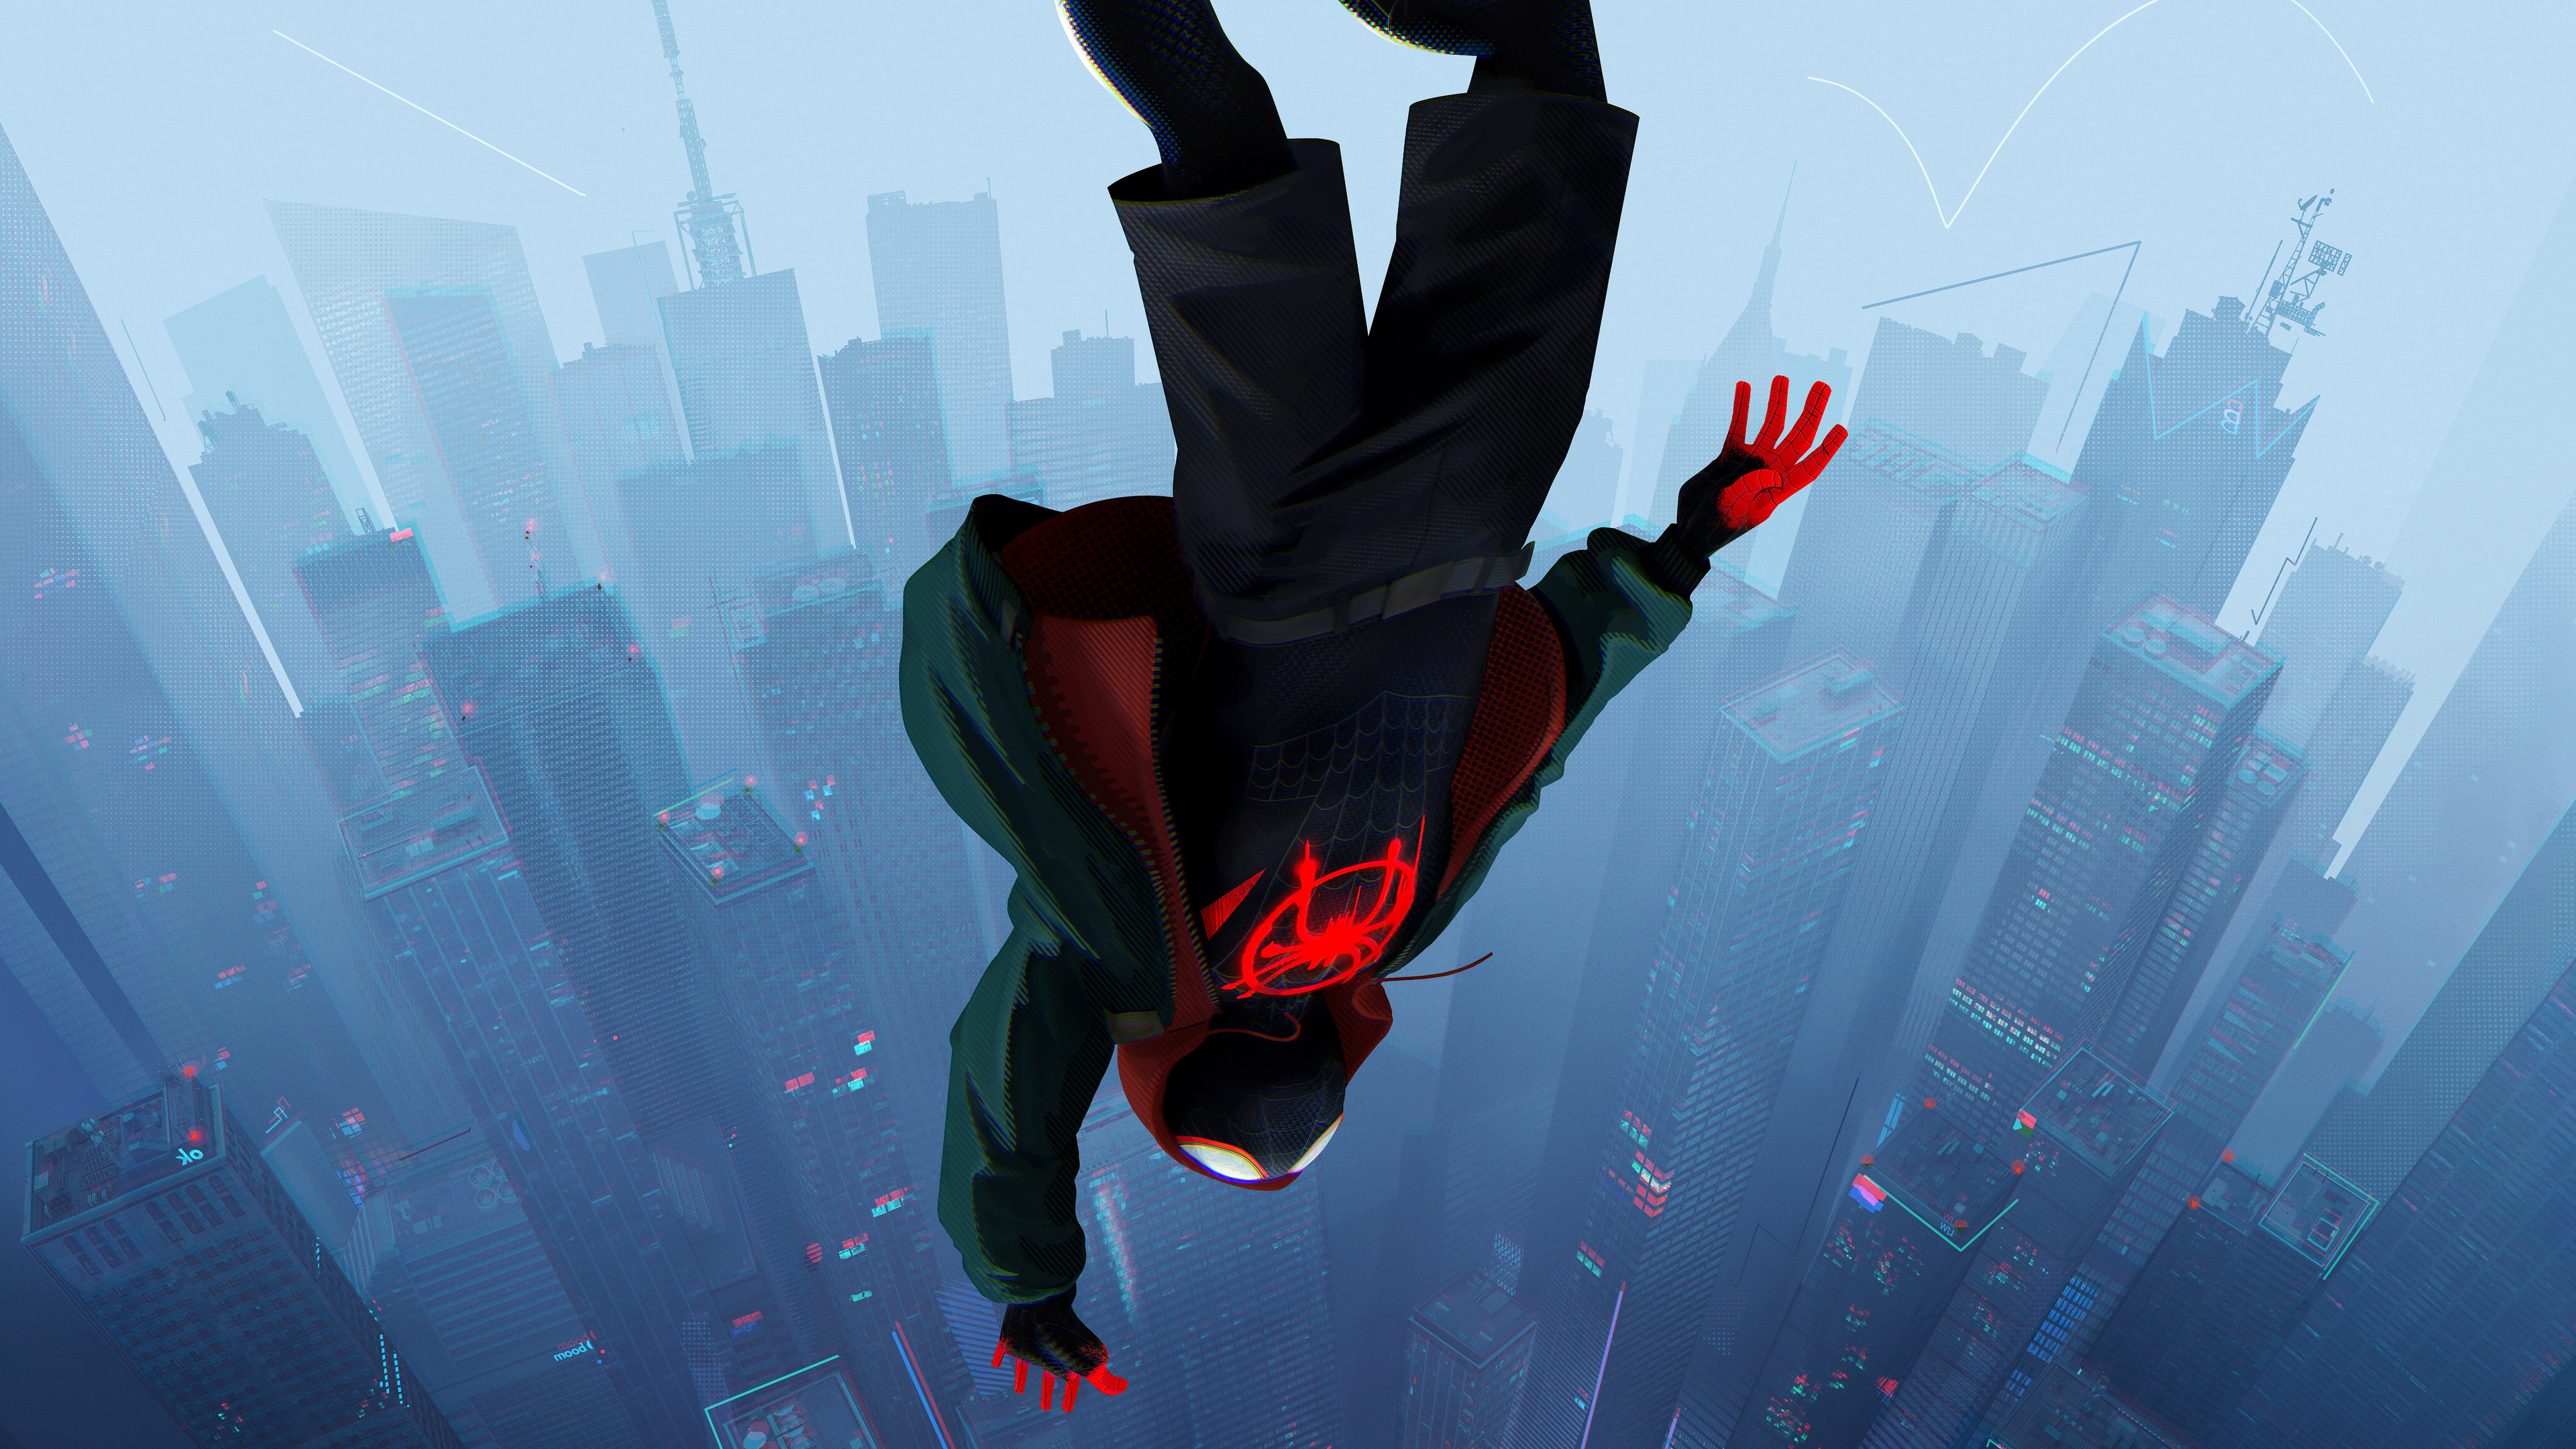 蜘蛛侠4电影高清_Spider-Man: Into The Spider-Verse 4k Ultra 高清壁纸 | 桌面背景 | 3840x2160 ...